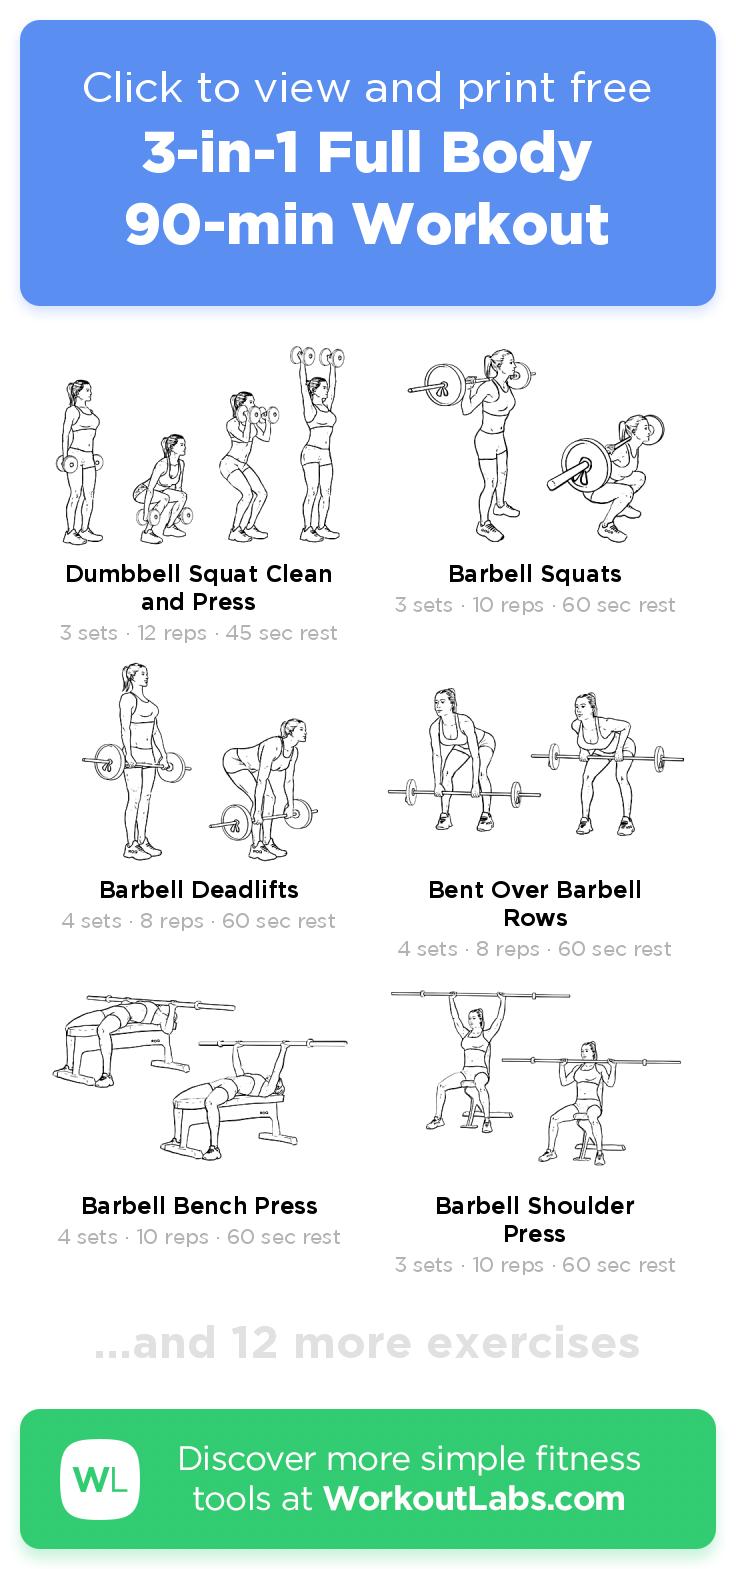 3-in-1 Full Body 90-min Workout